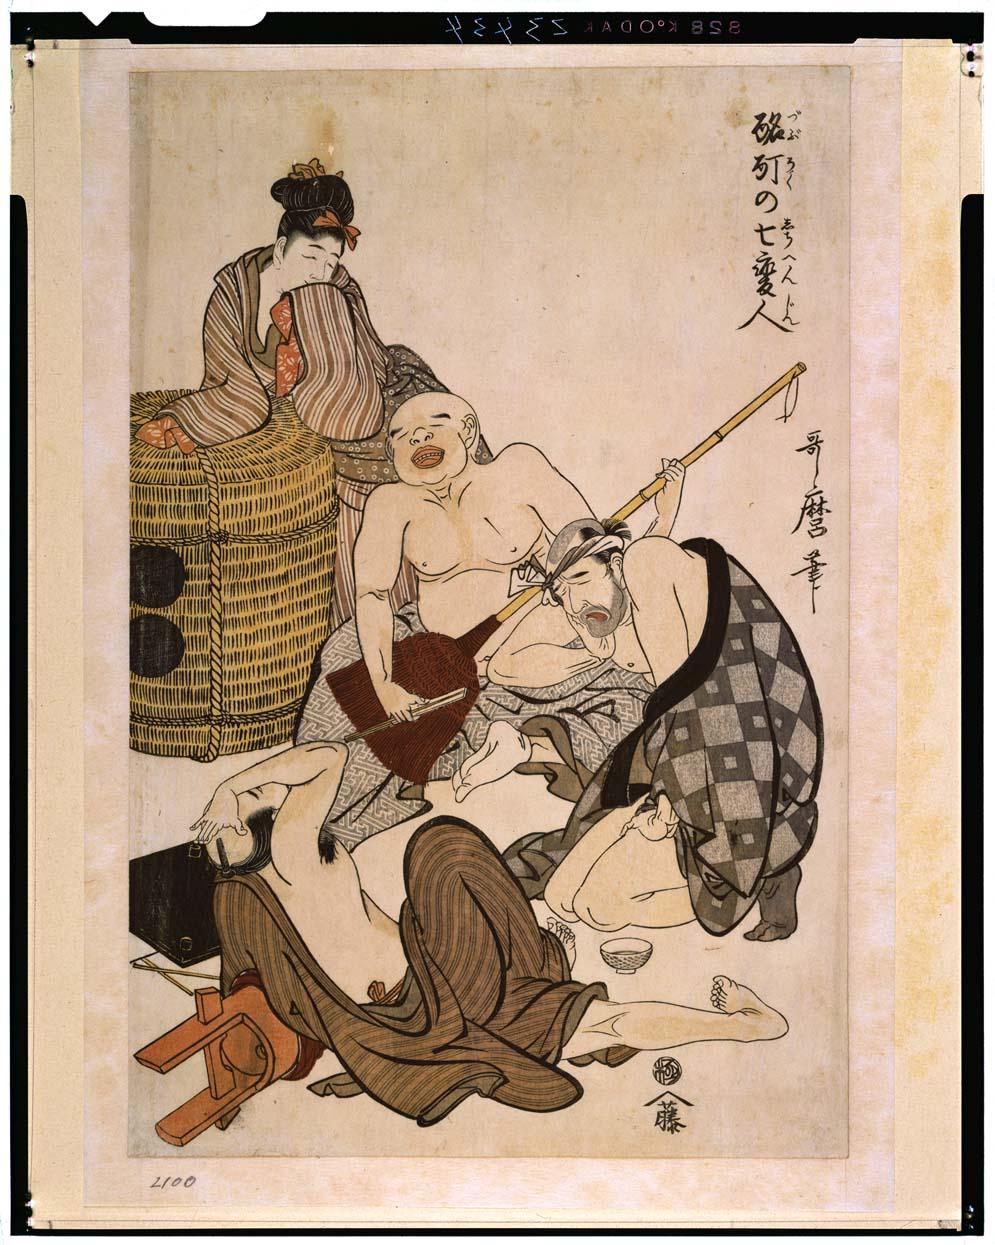 昔の棕櫚箒(江戸時代)1-「酩酊の七変人」/1801-1803年/喜多川歌麿